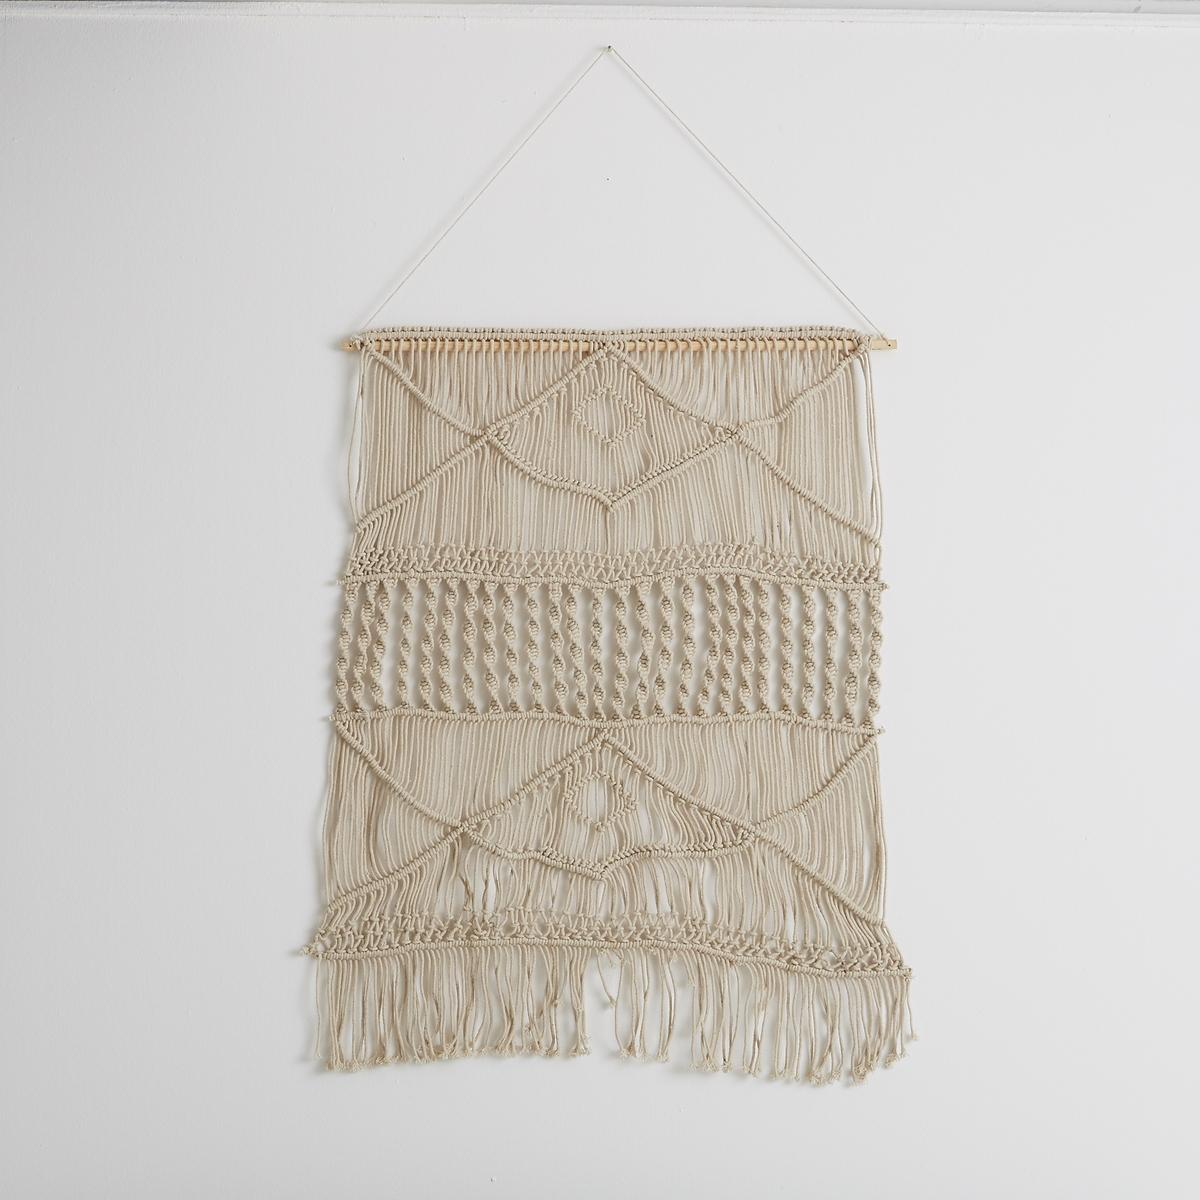 Настенный ковер в стиле макраме, большая модель, NavanitaХарактеристики :Ручное плетение, производство вручную. 100% хлопок. Багет из сосны со шнуром. Размеры : Ш.80 x В.110 см<br><br>Цвет: экрю